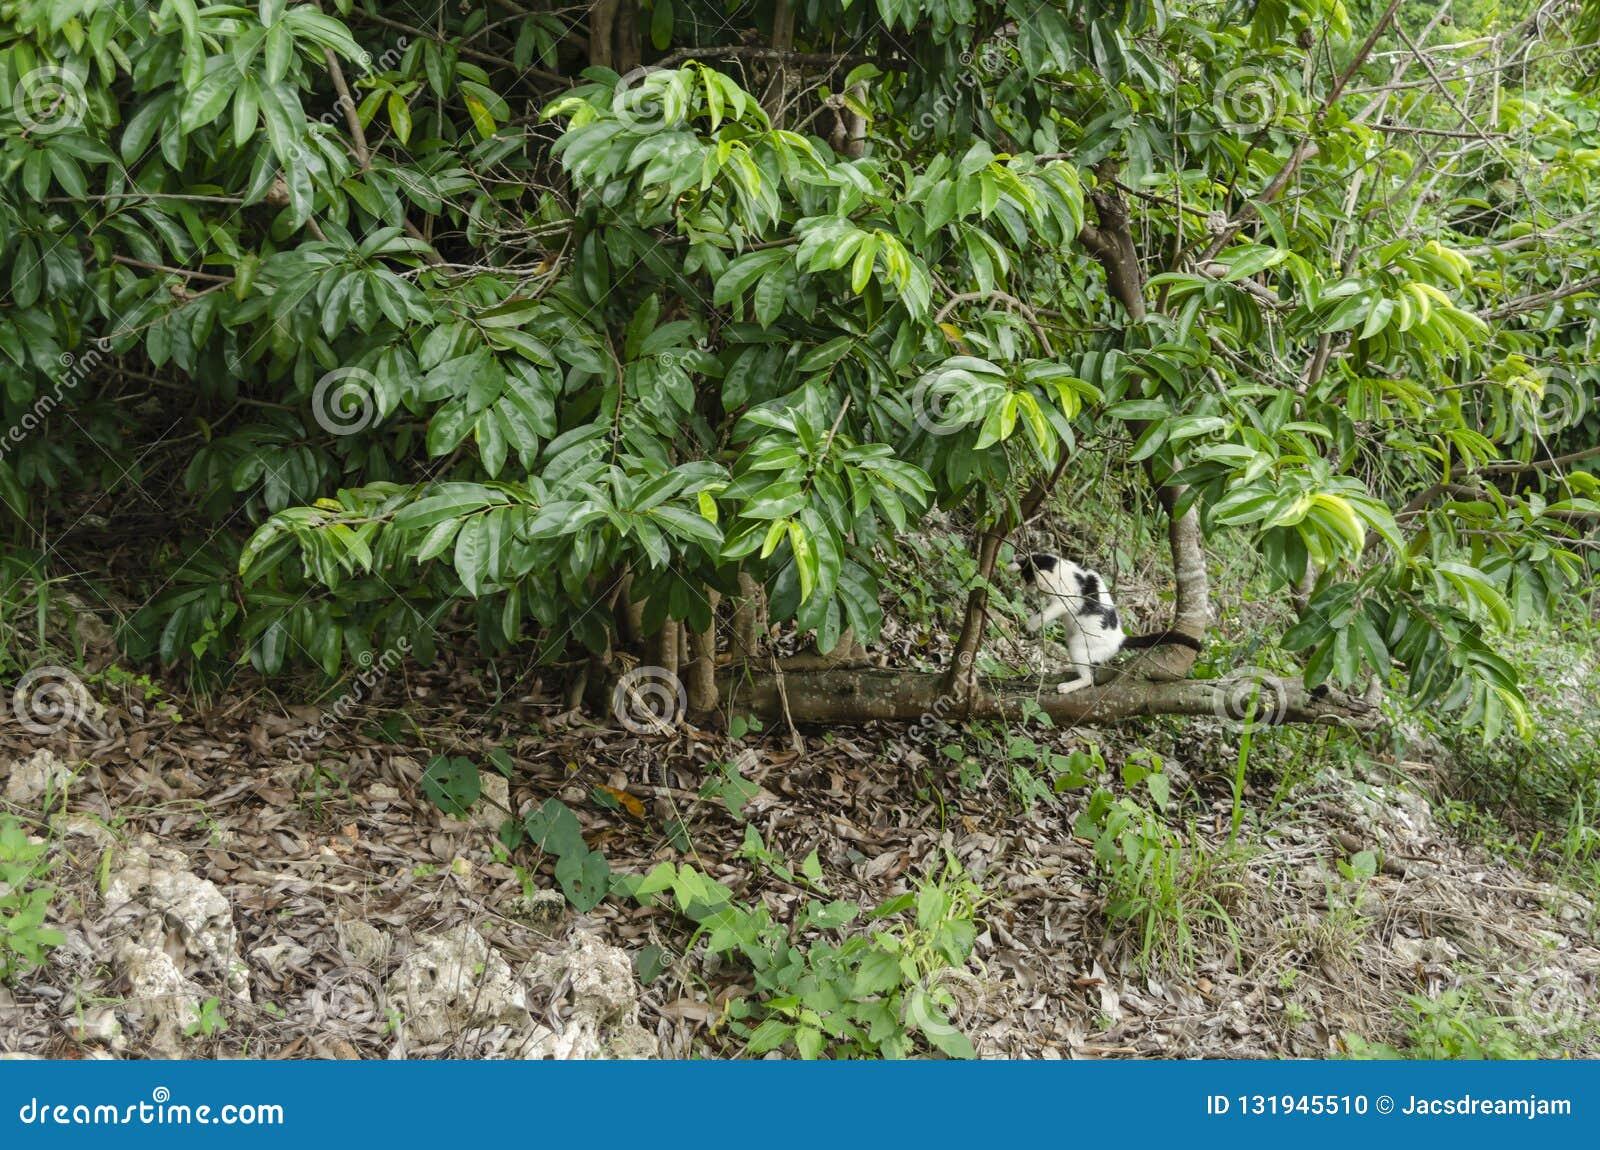 De Hotizntal el árbol crece ramas verticales